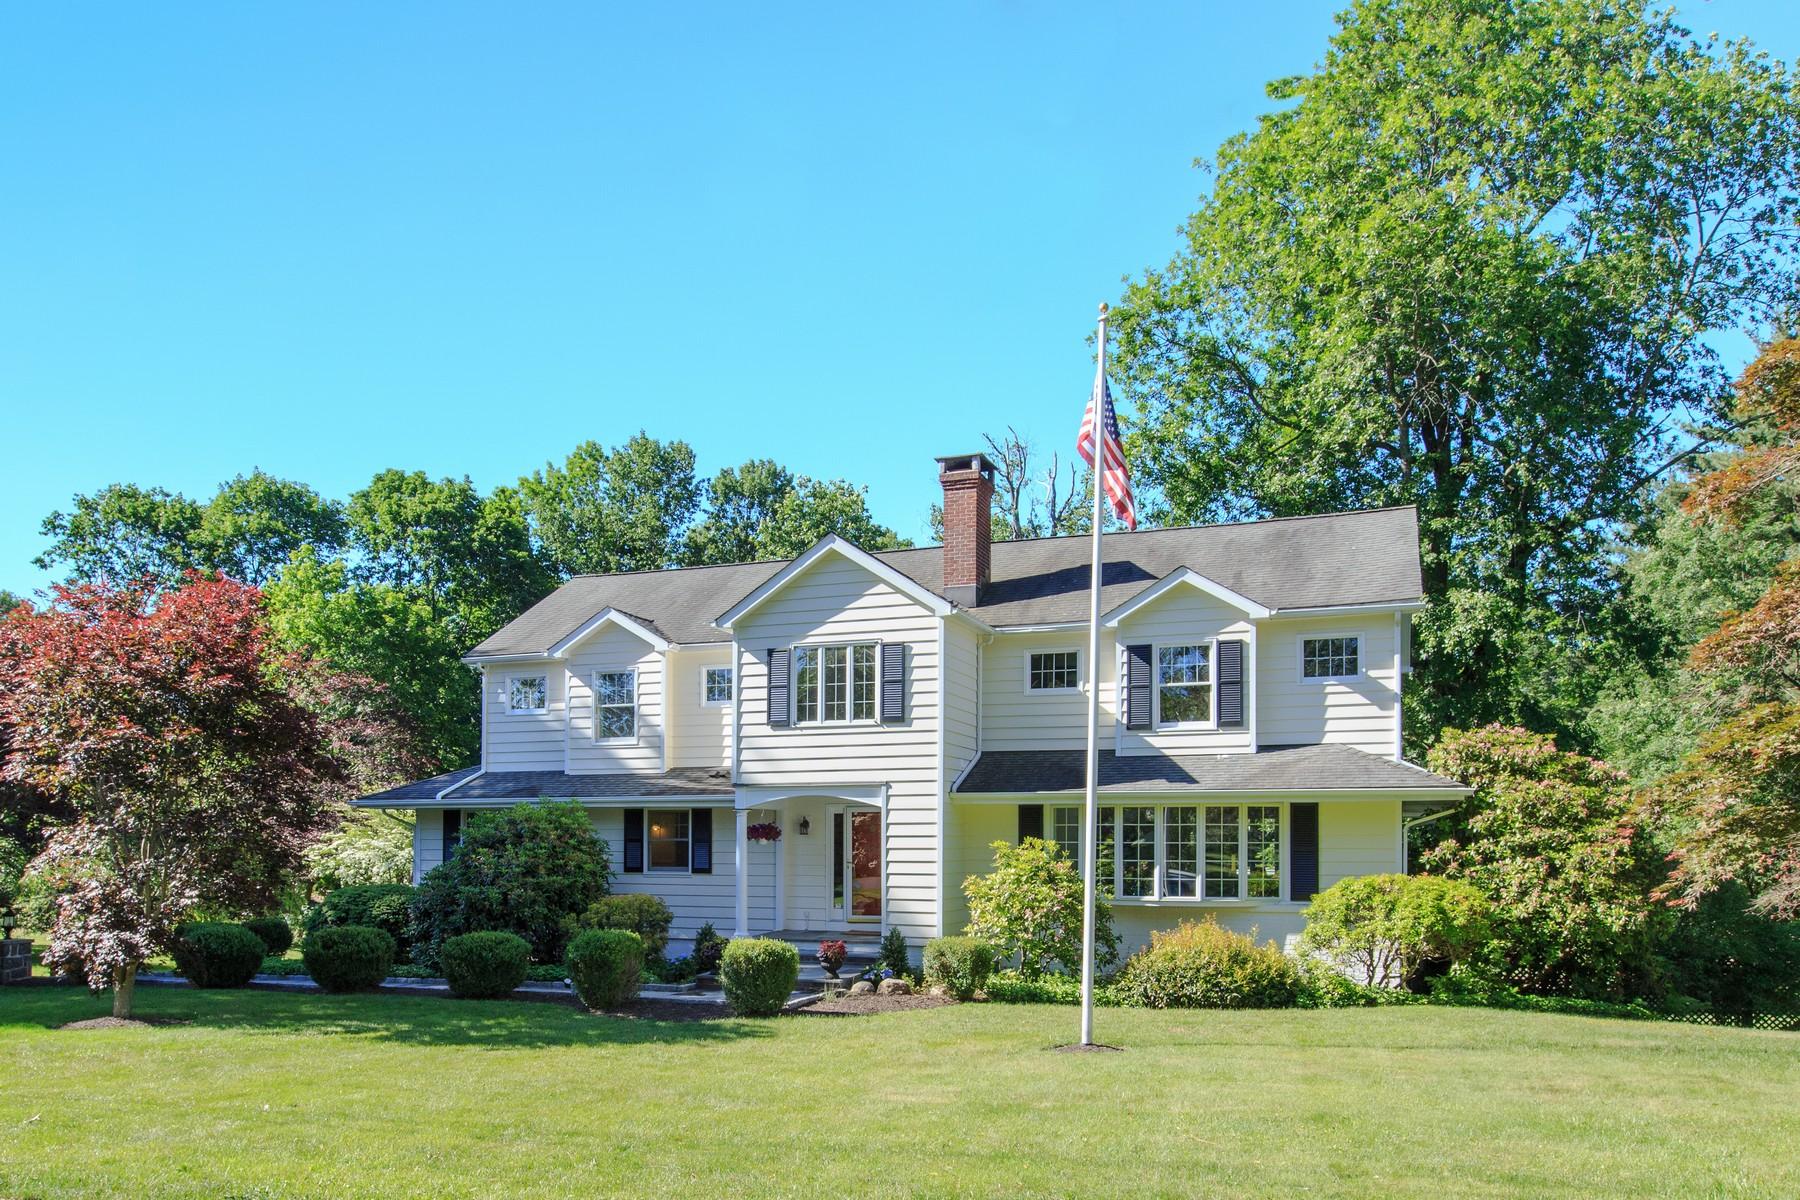 Casa Unifamiliar por un Venta en Prepare to Fall in Love 23 Manor Road Ridgefield, Connecticut, 06877 Estados Unidos